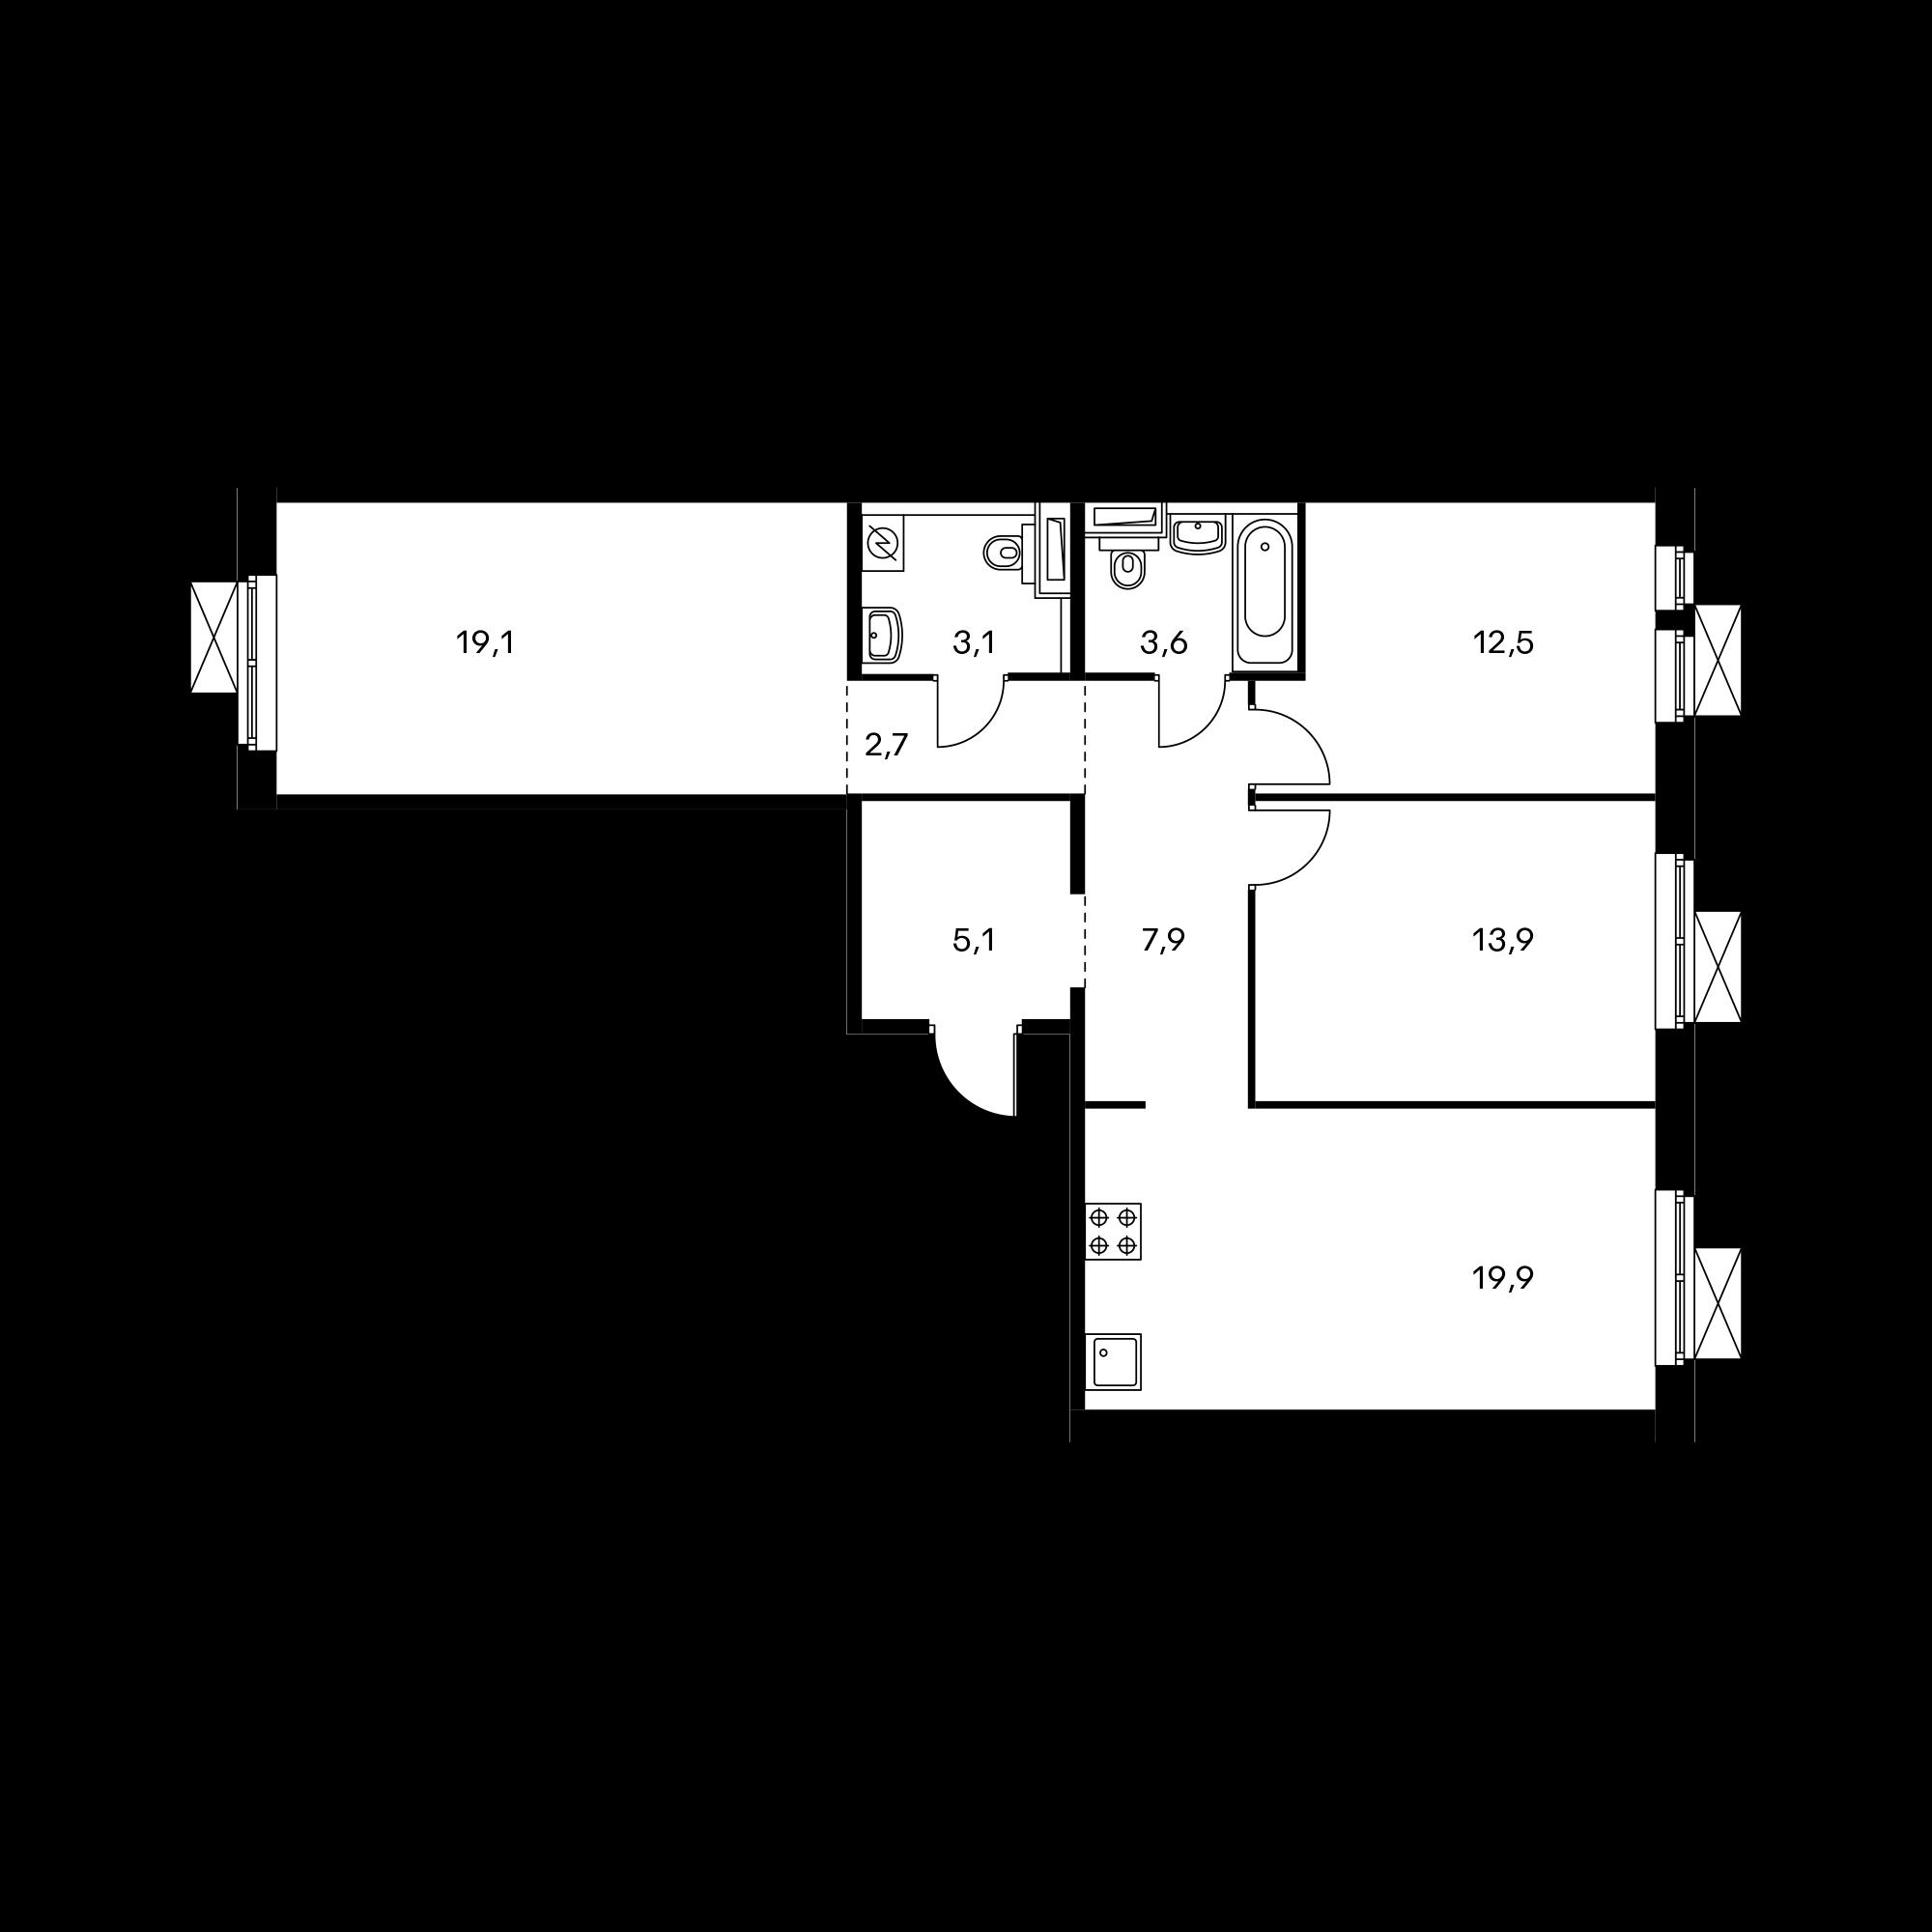 3EL3_9.9-1_S_A